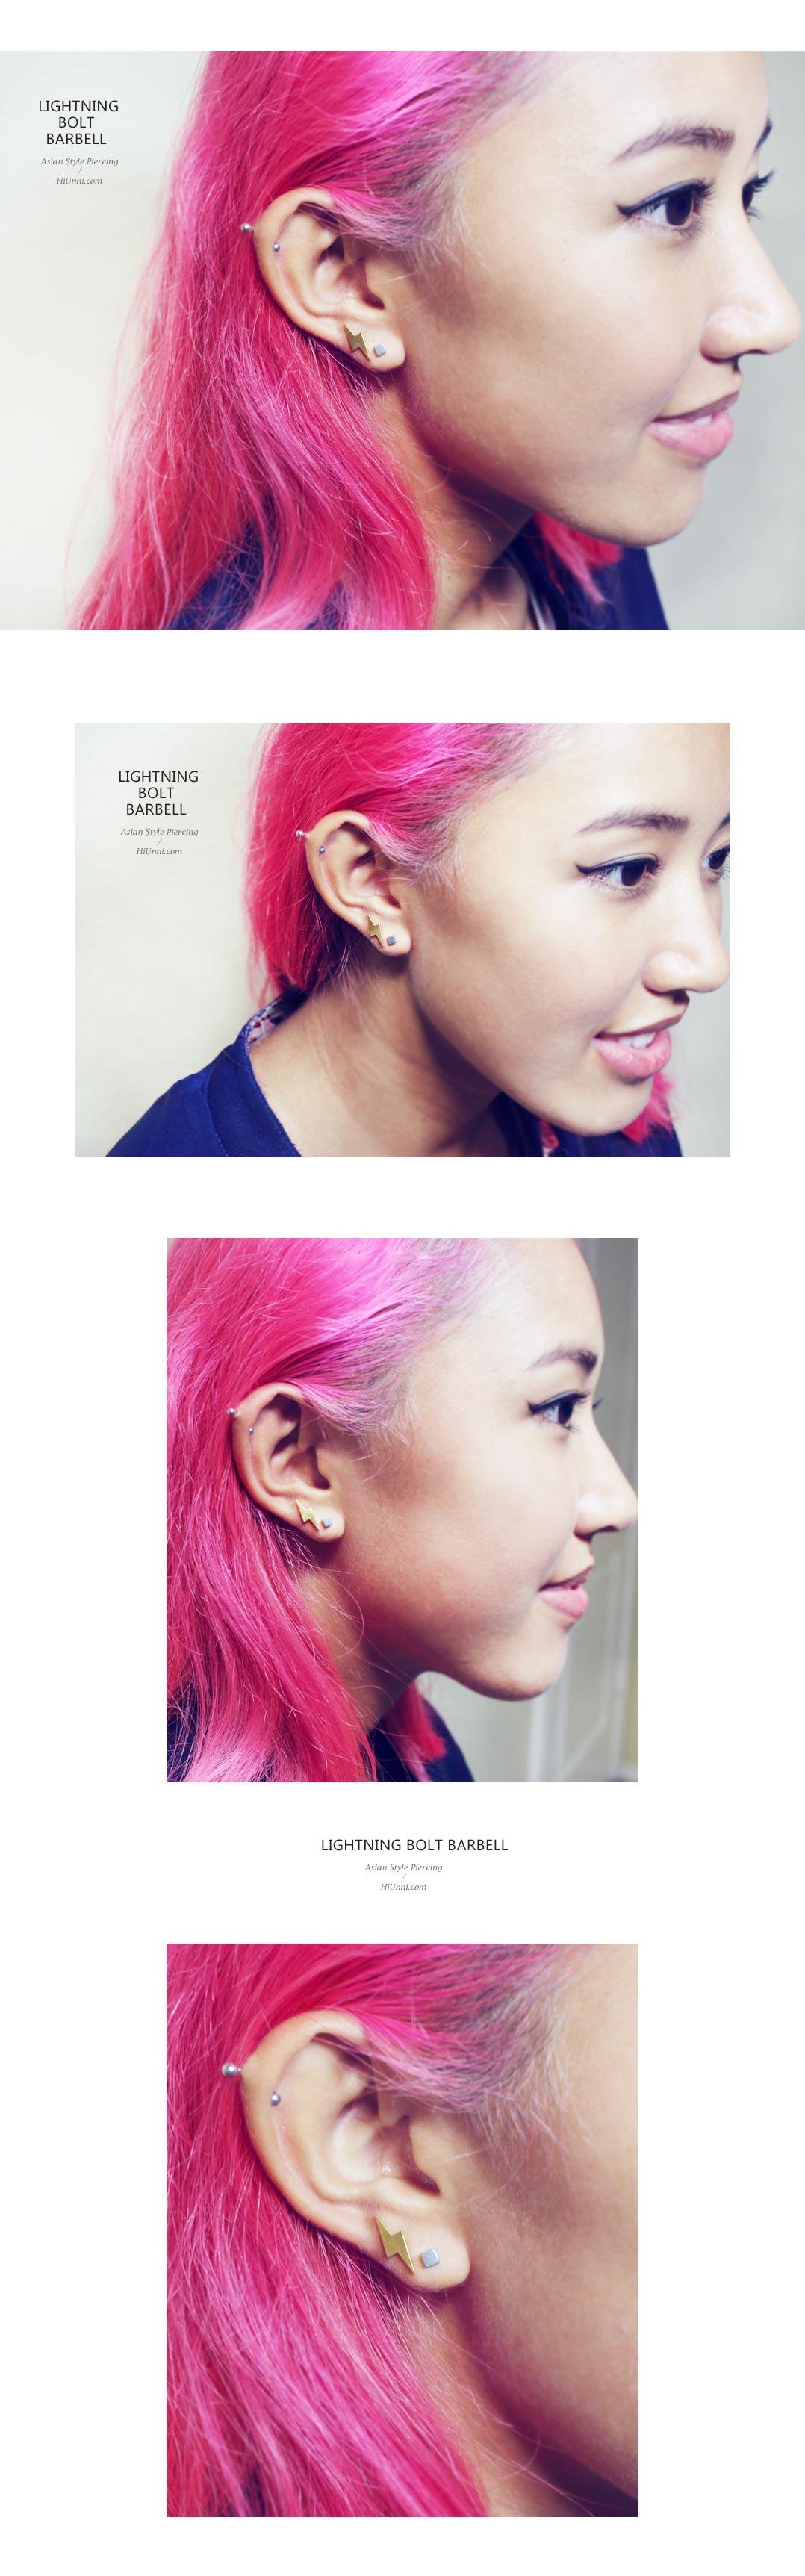 ear_studs_piercing_Cartilage_16g_316l_Stainless_Steel_earring_korean_asian_style_barbell_Lightning_bolt_3